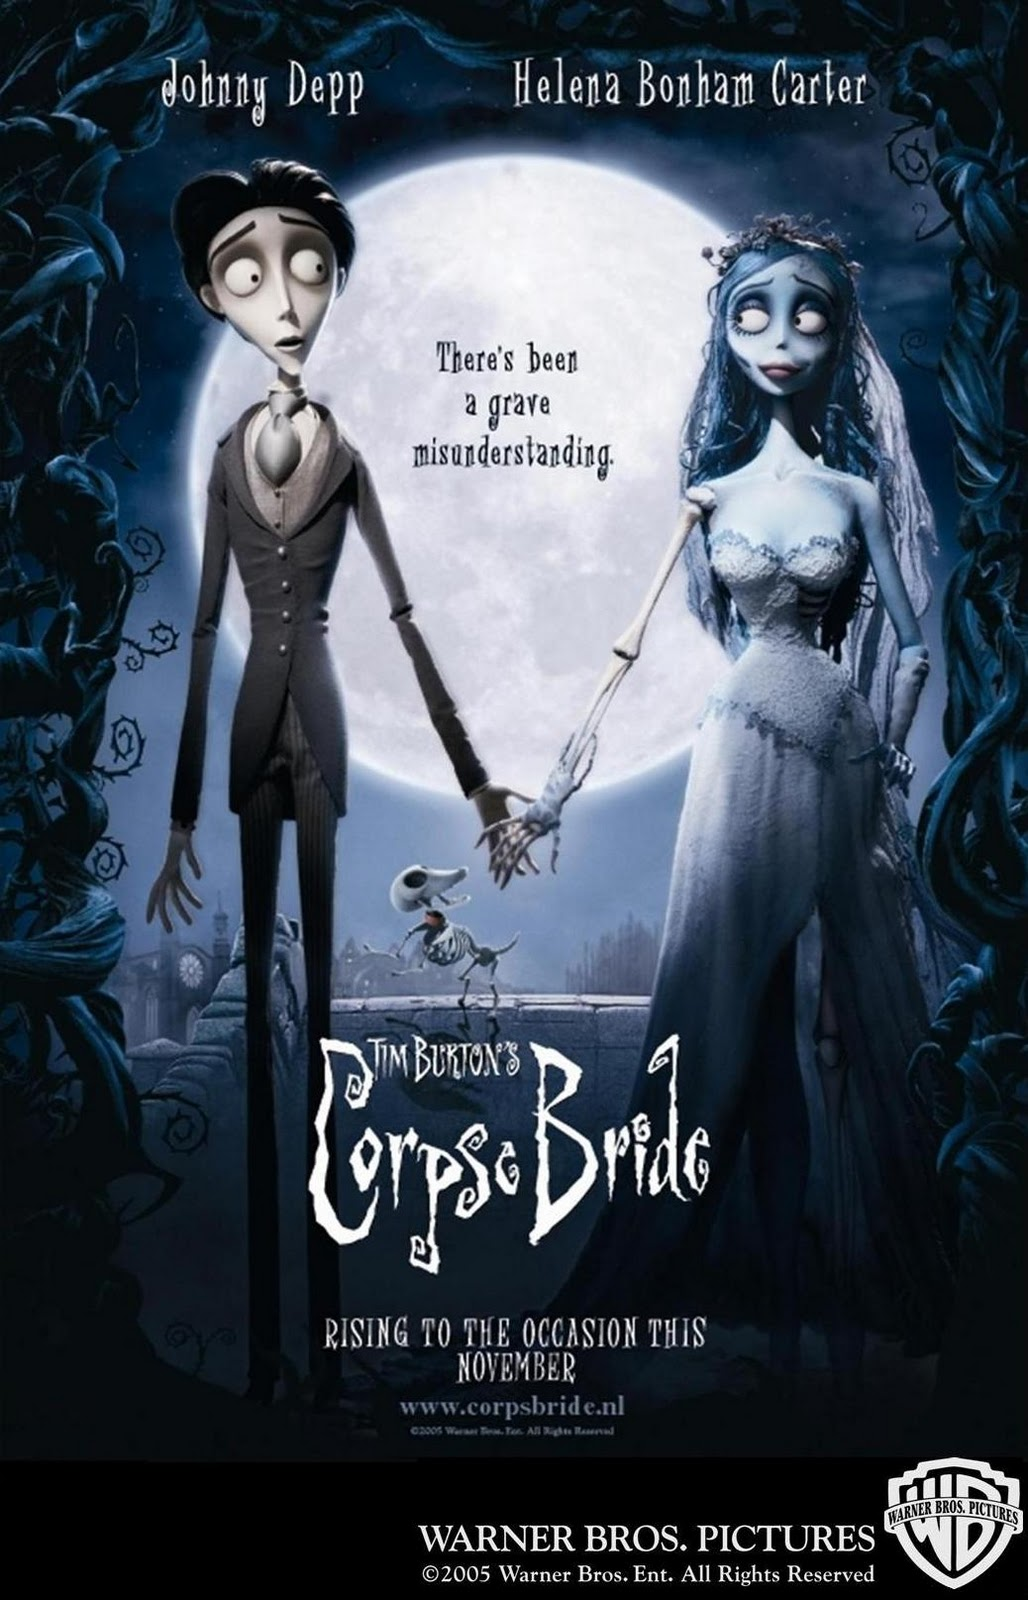 http://2.bp.blogspot.com/-aluKGCUQVvg/To5vhE9e7JI/AAAAAAAAAUY/Yz1zifMy-_w/s1600/corpse_bride.jpg